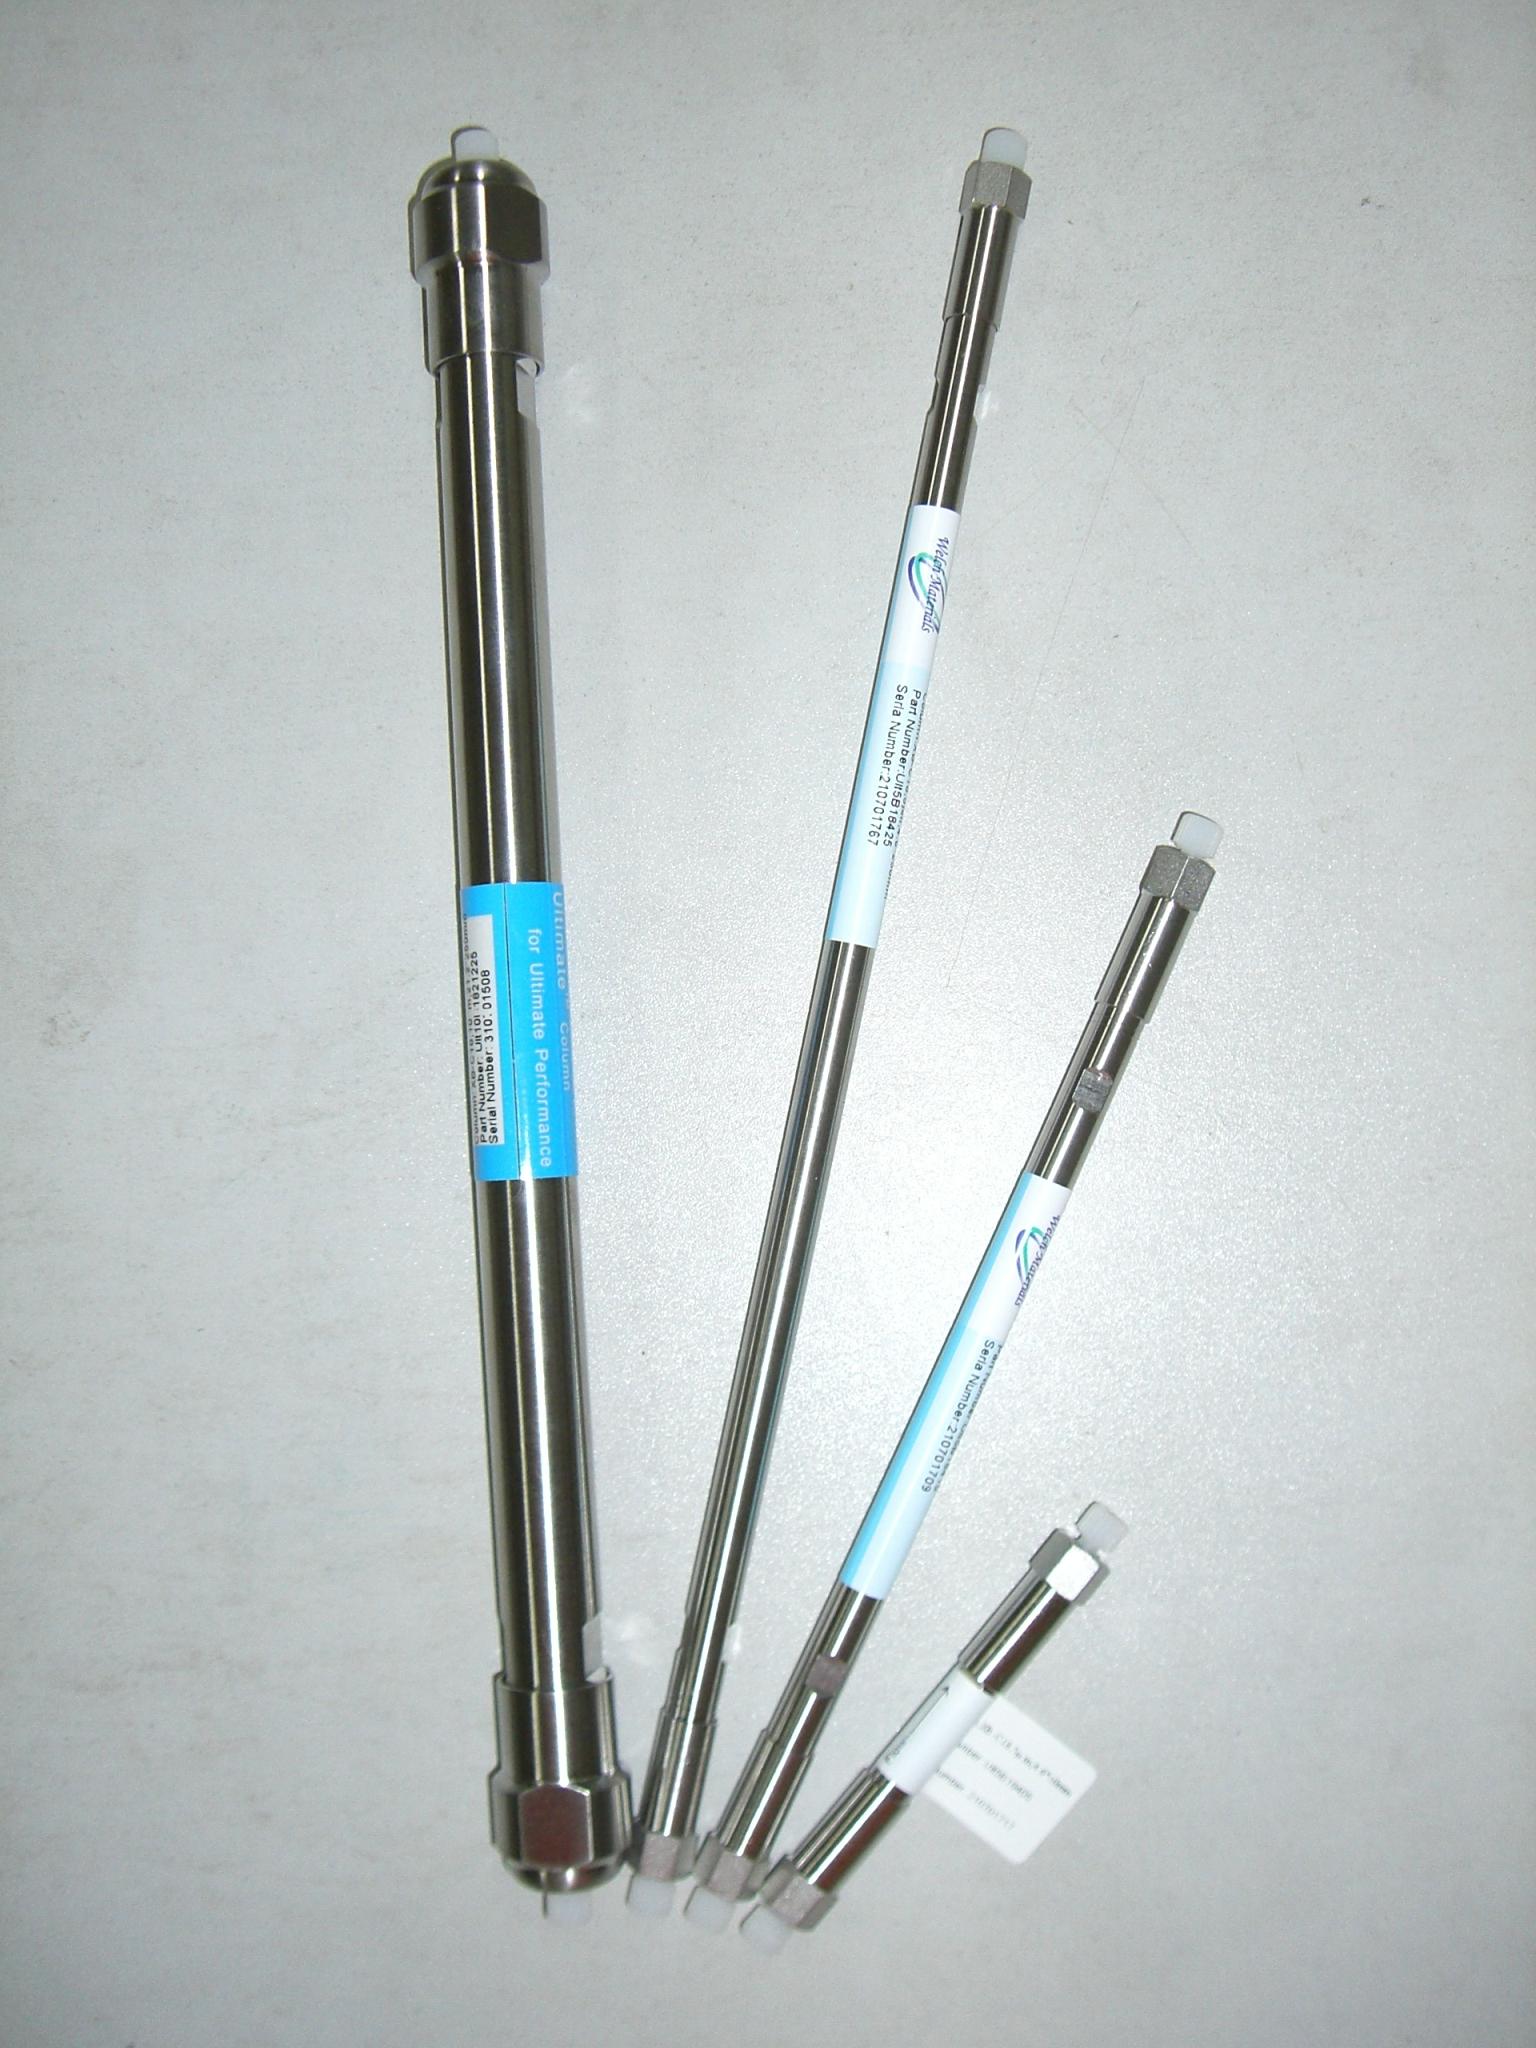 Xtimate C18宽pH液相分析柱